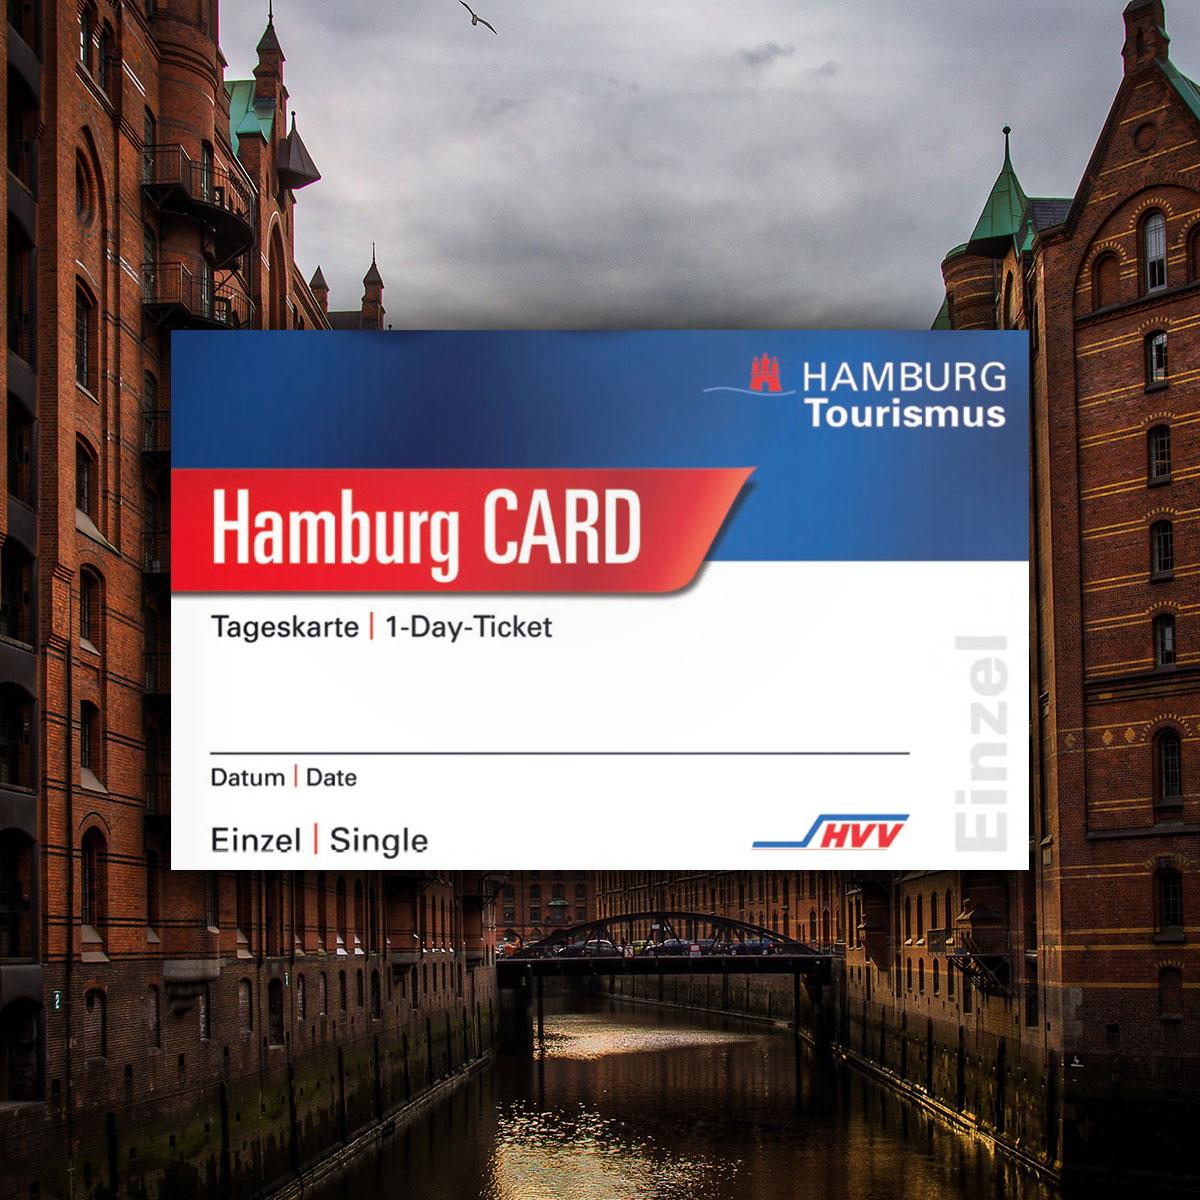 Hamburg Card kaufen in der Pension schmidt